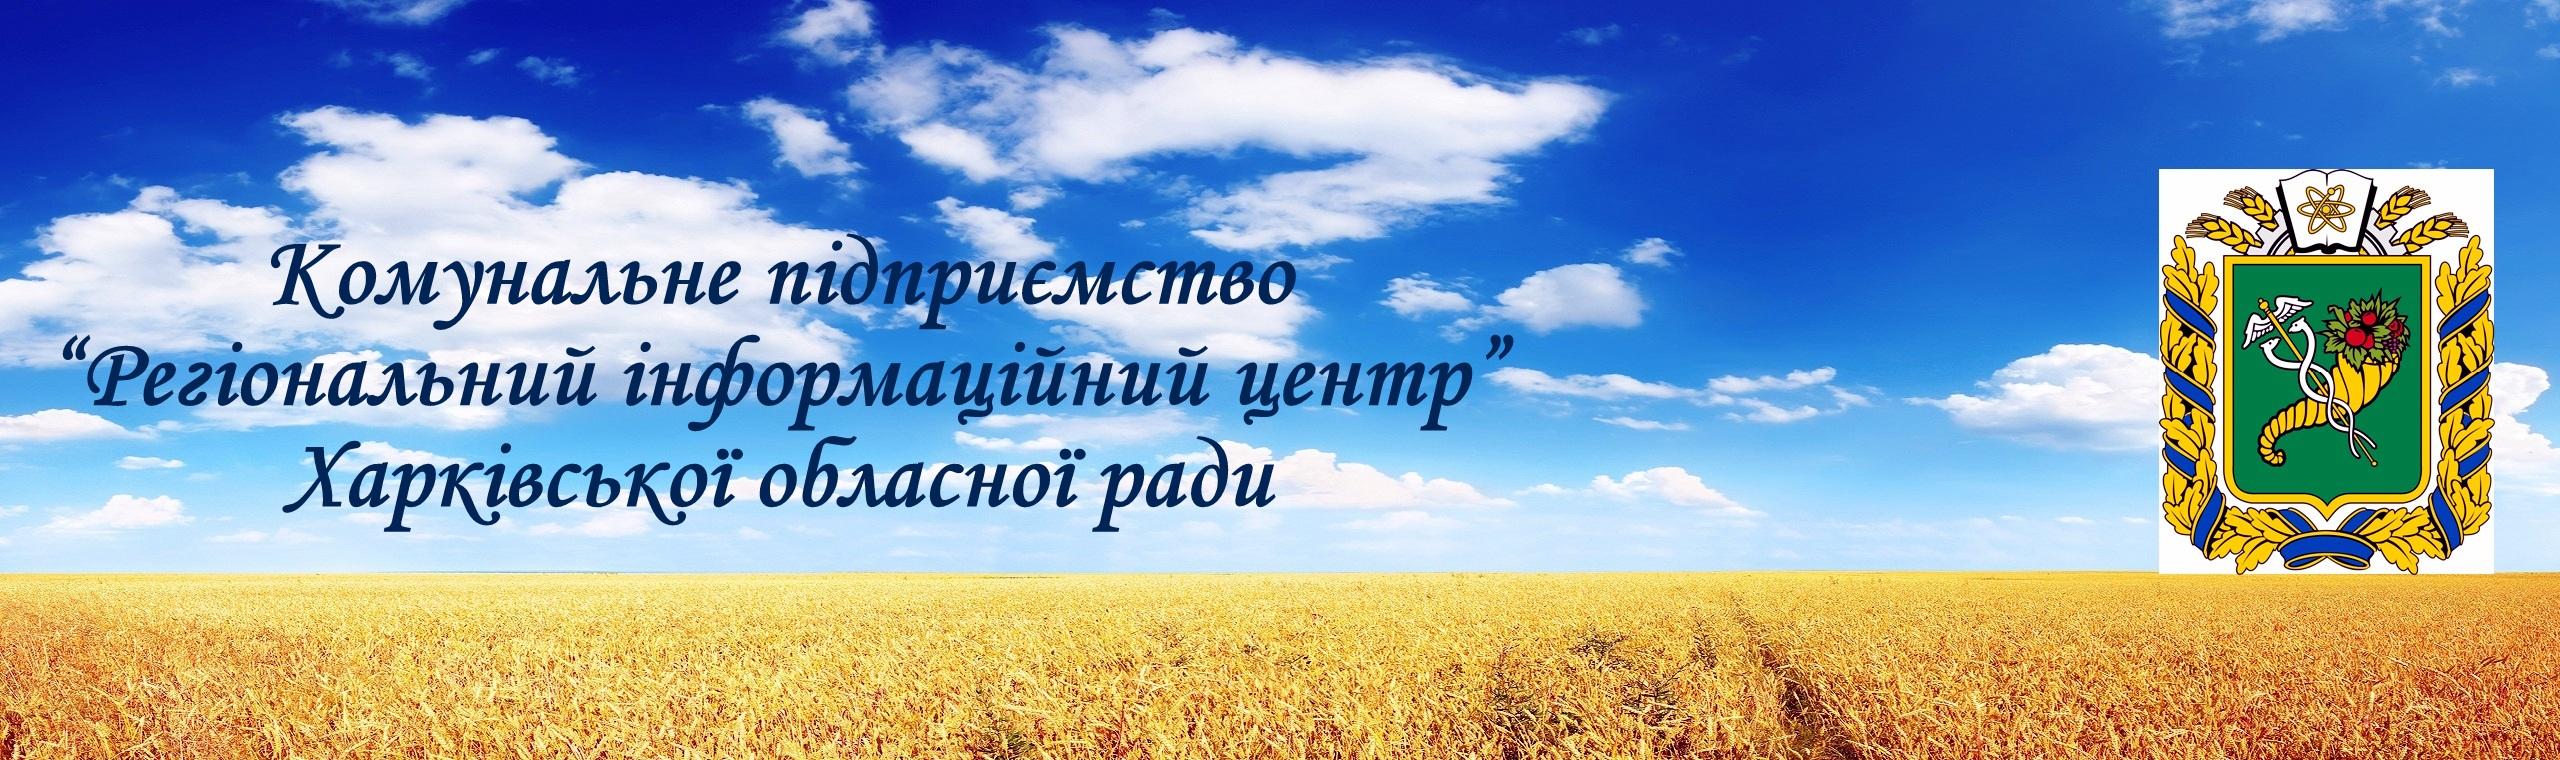 fonstola.ru-2